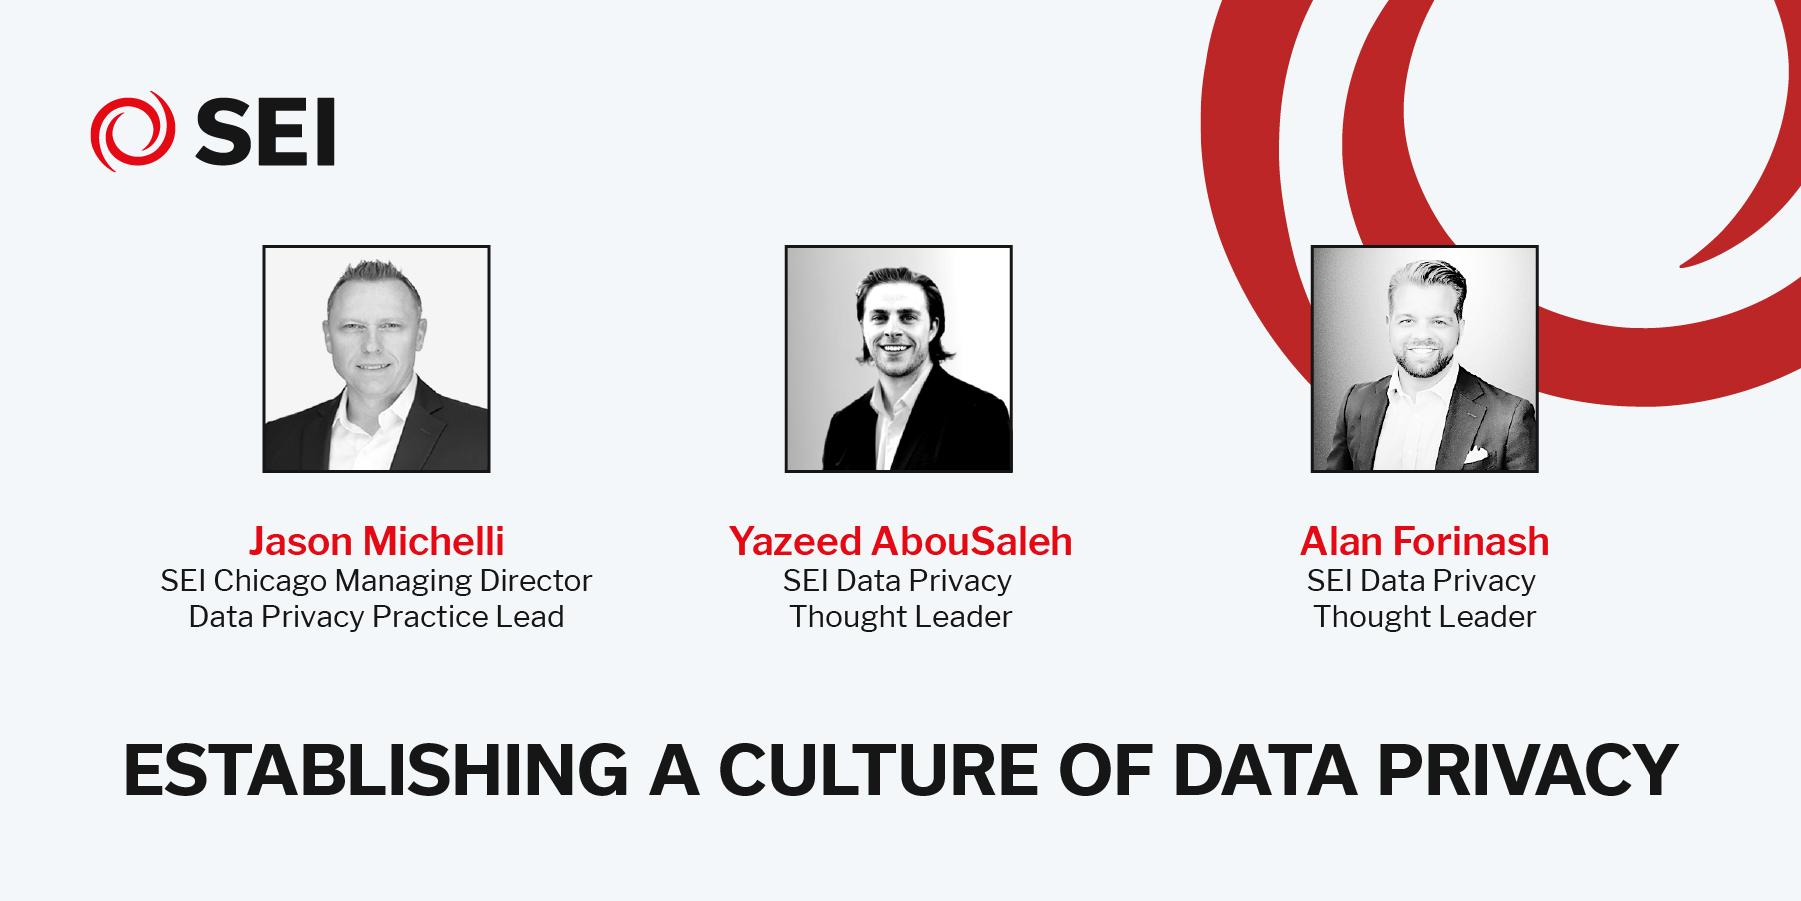 SEI_Establishing-a-Culture-of-Data-Privacy_v2-1